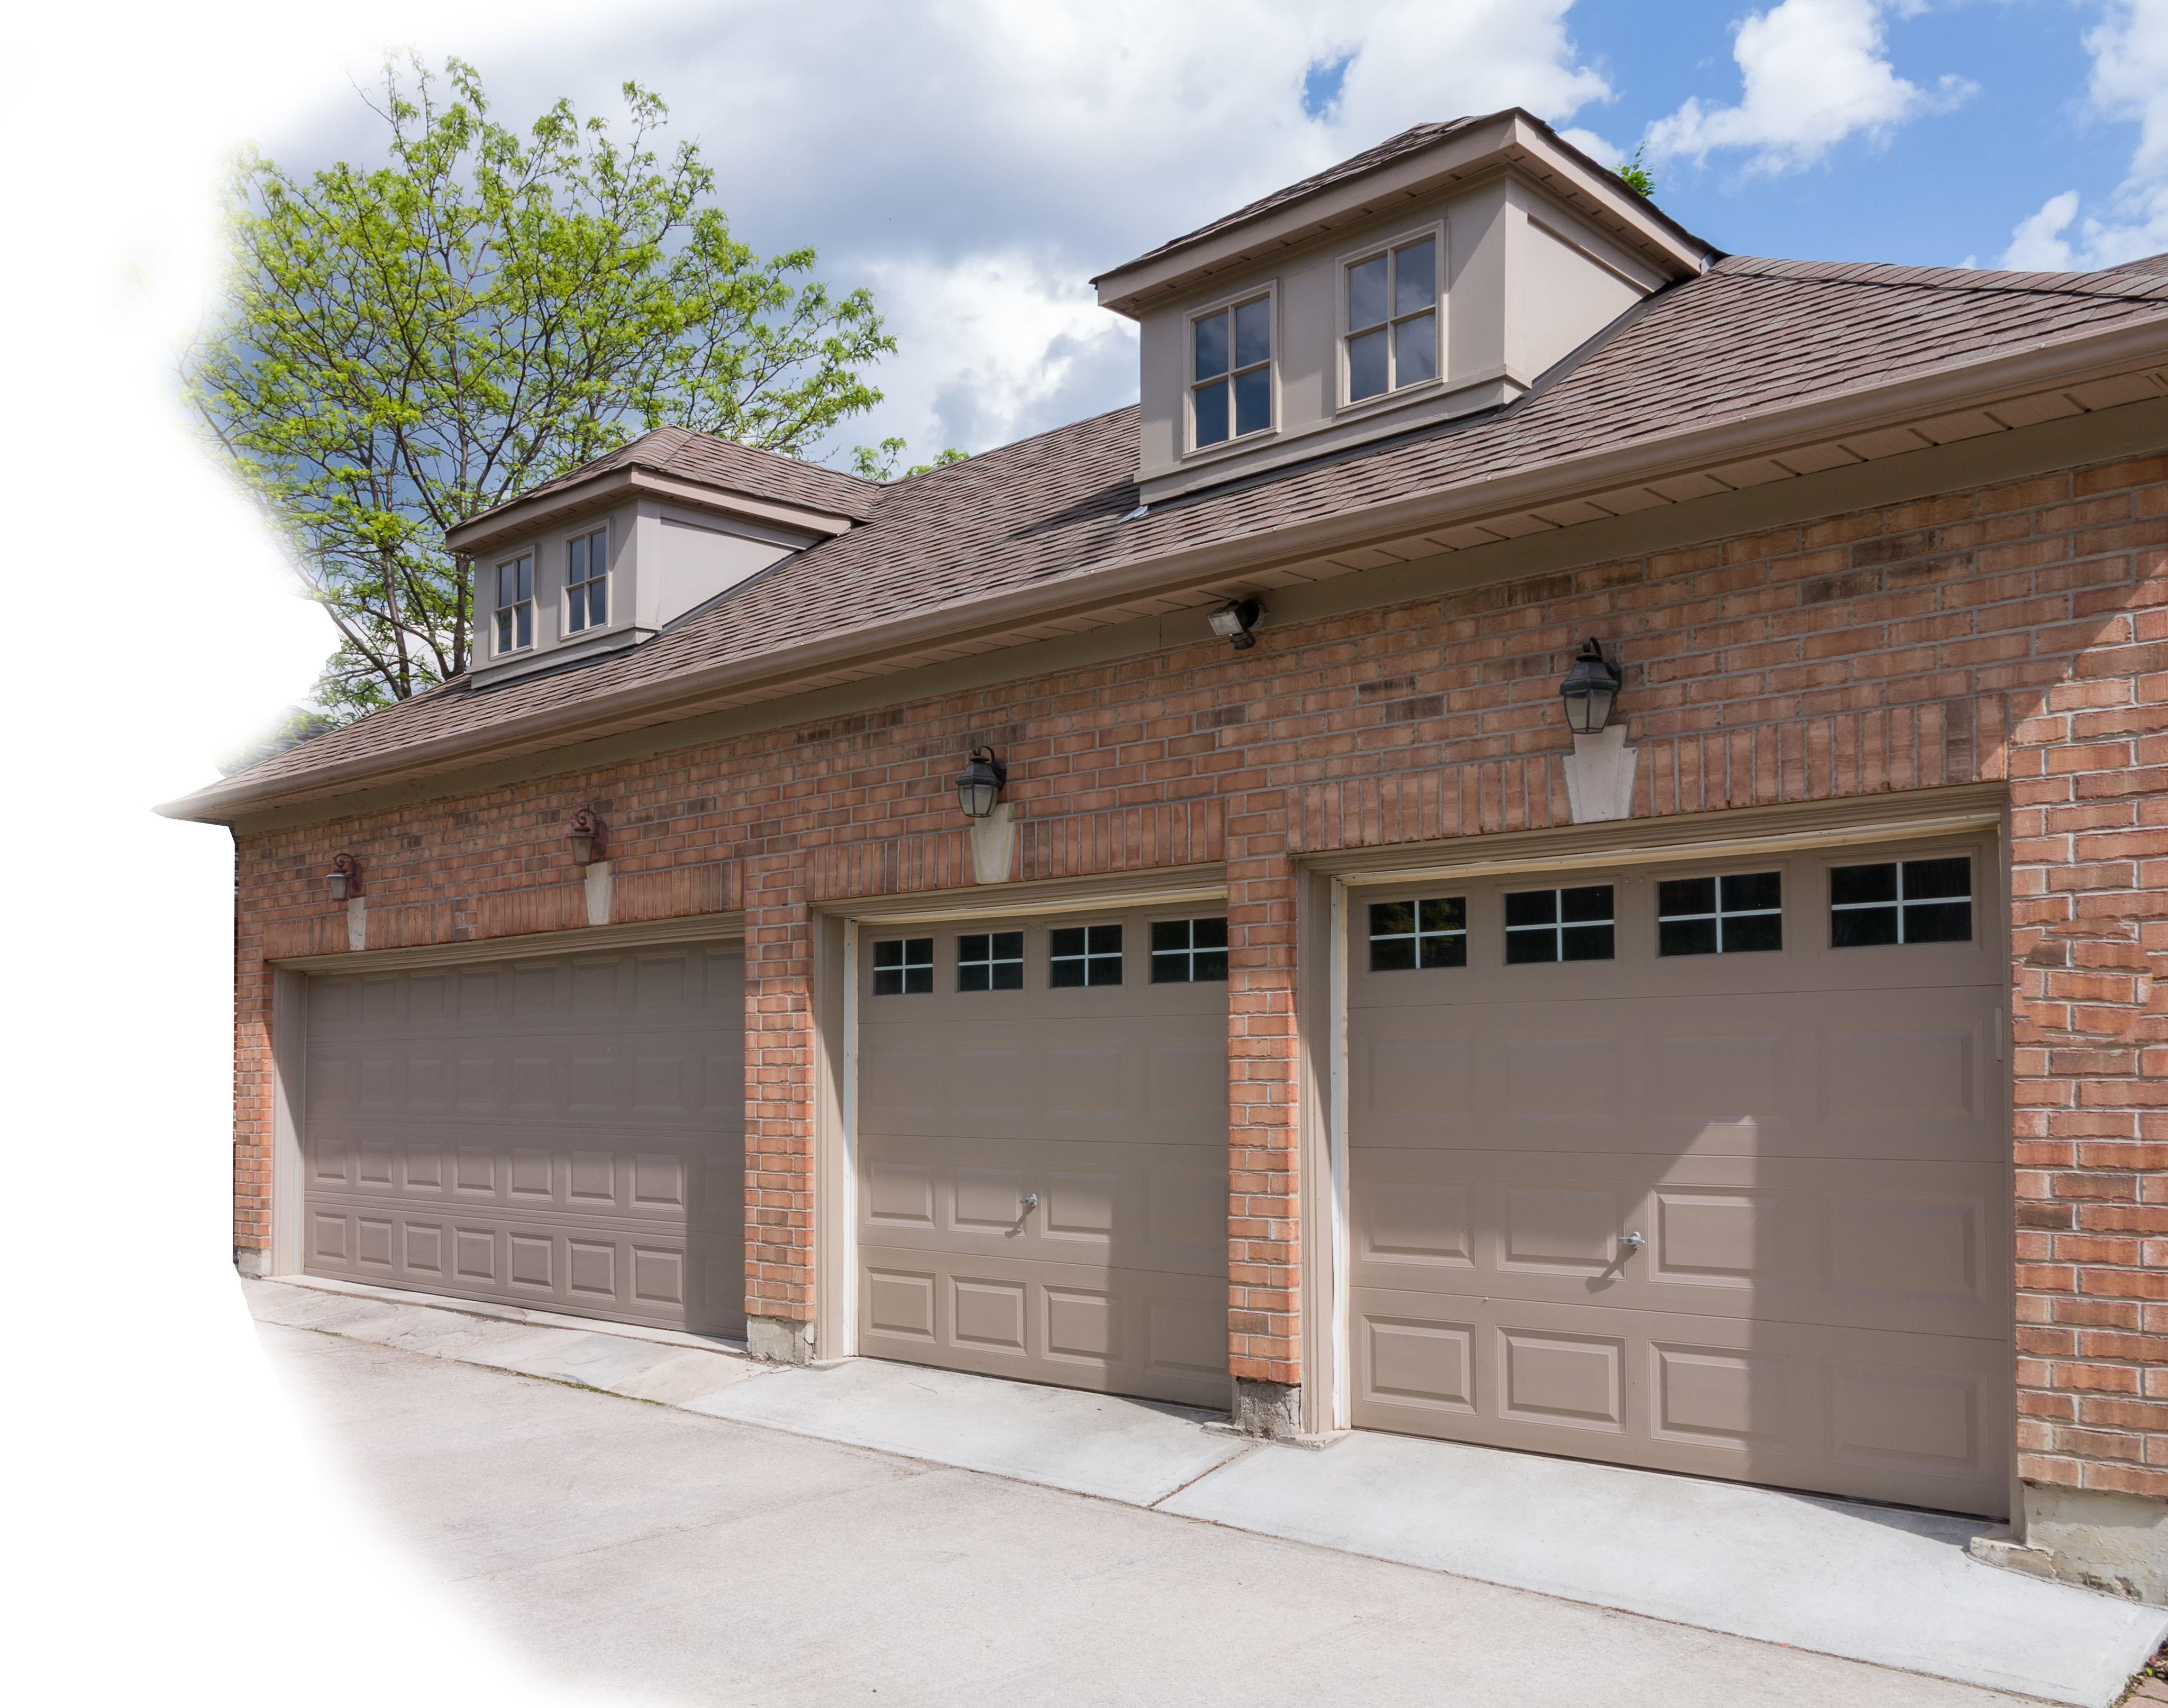 Regular Maintenance Of Your Arage Doors And Garage Door Opener Will